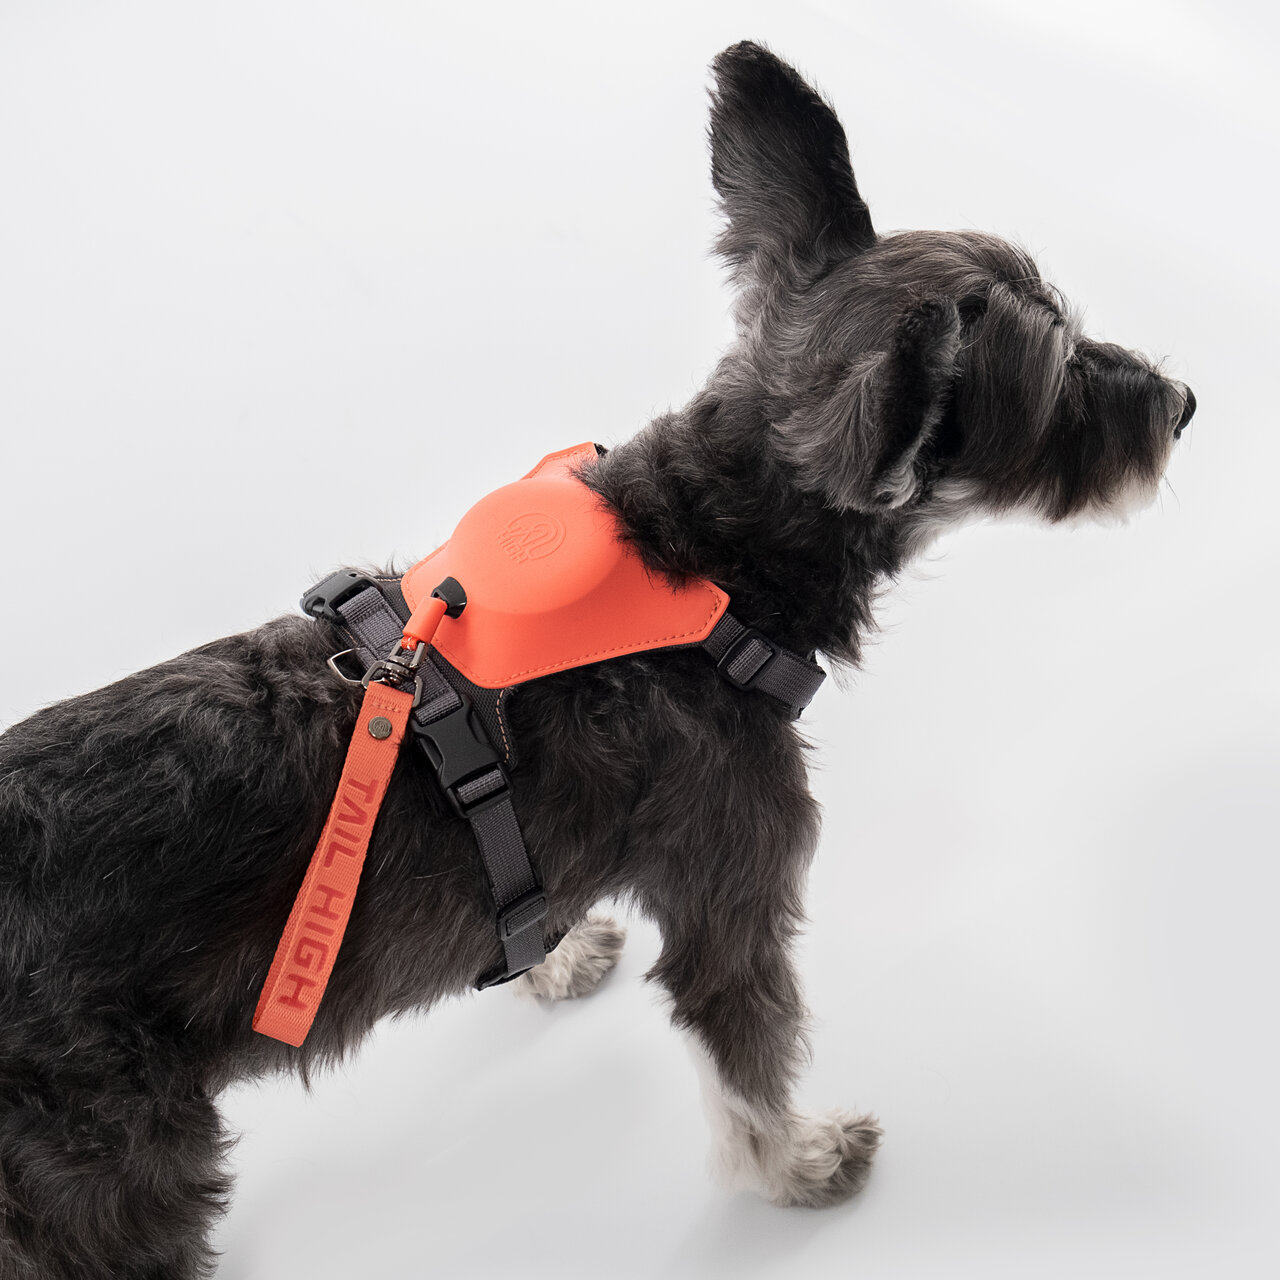 愛犬とのおでかけを快適に!世界初の機能を搭載したリード一体型のハーネス